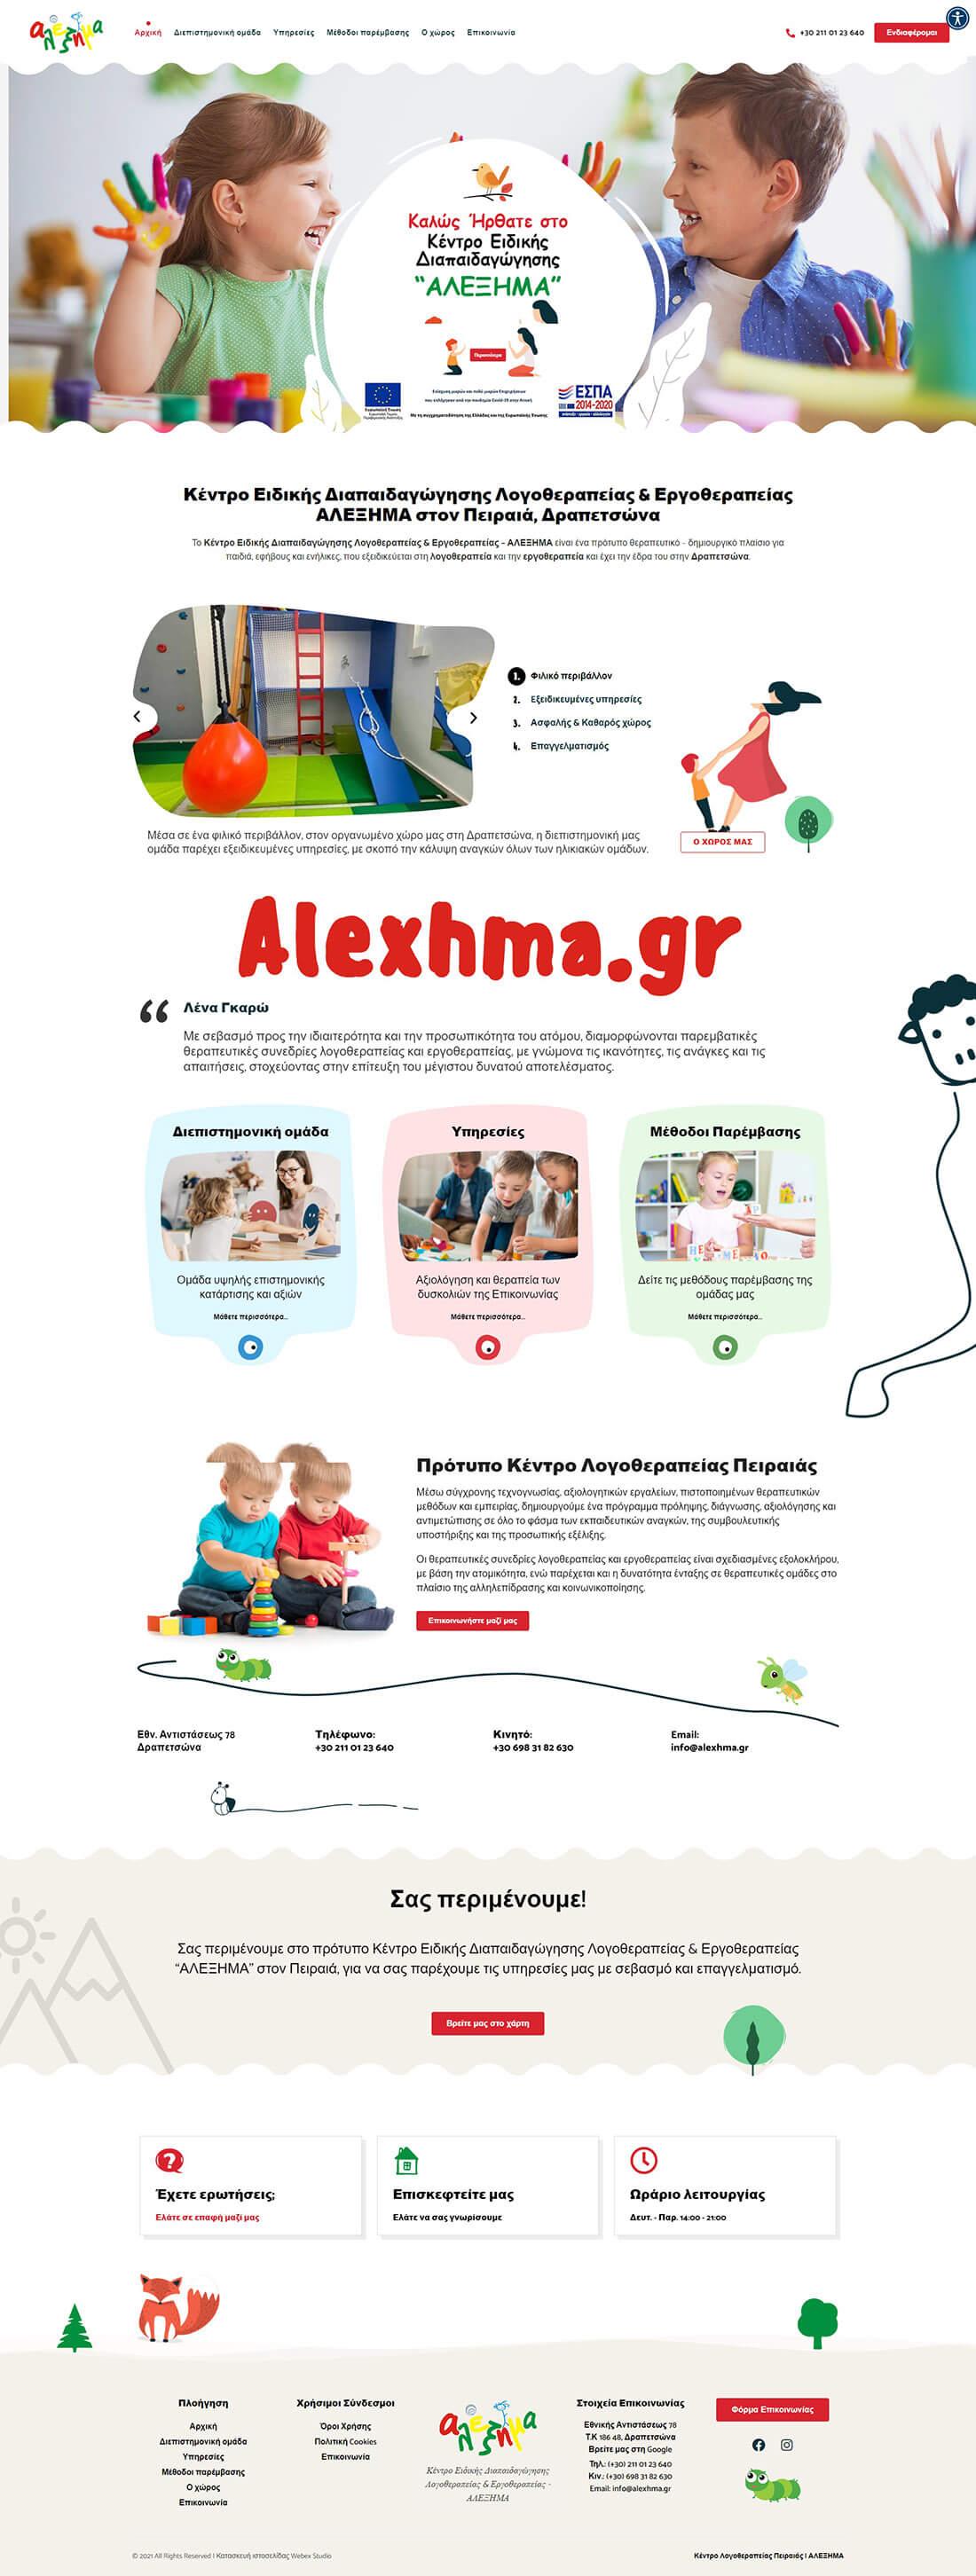 Αρχική σελίδα alexhma.gr